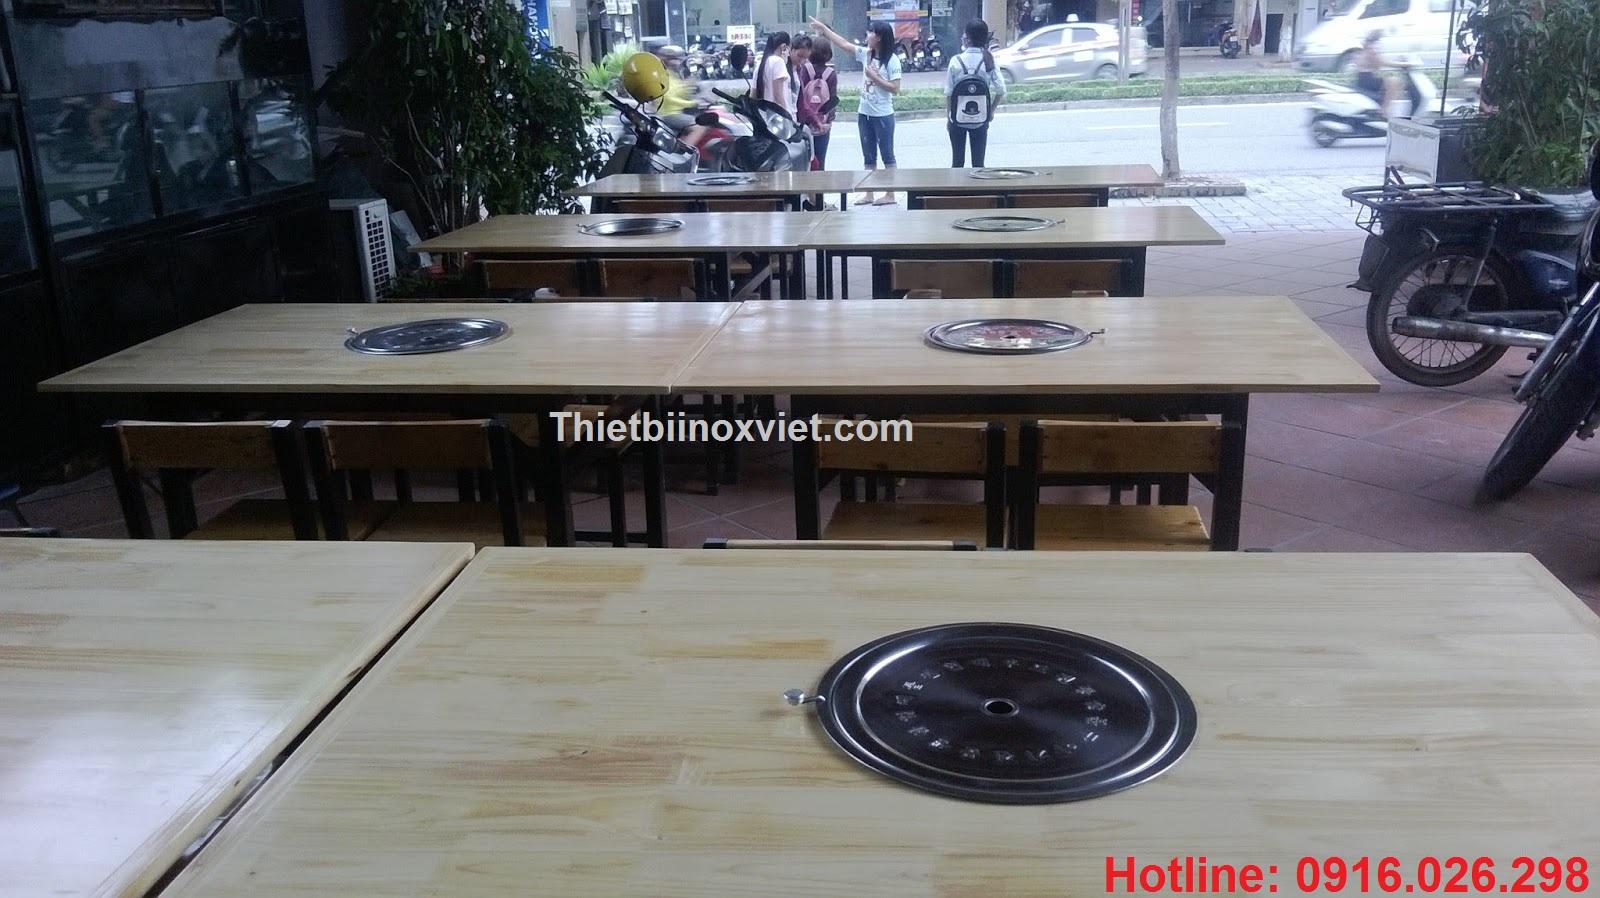 Hút mùi tại bàn kiểu nhật, hút mùi bếp nướng không khói nhà hàng nhật bản